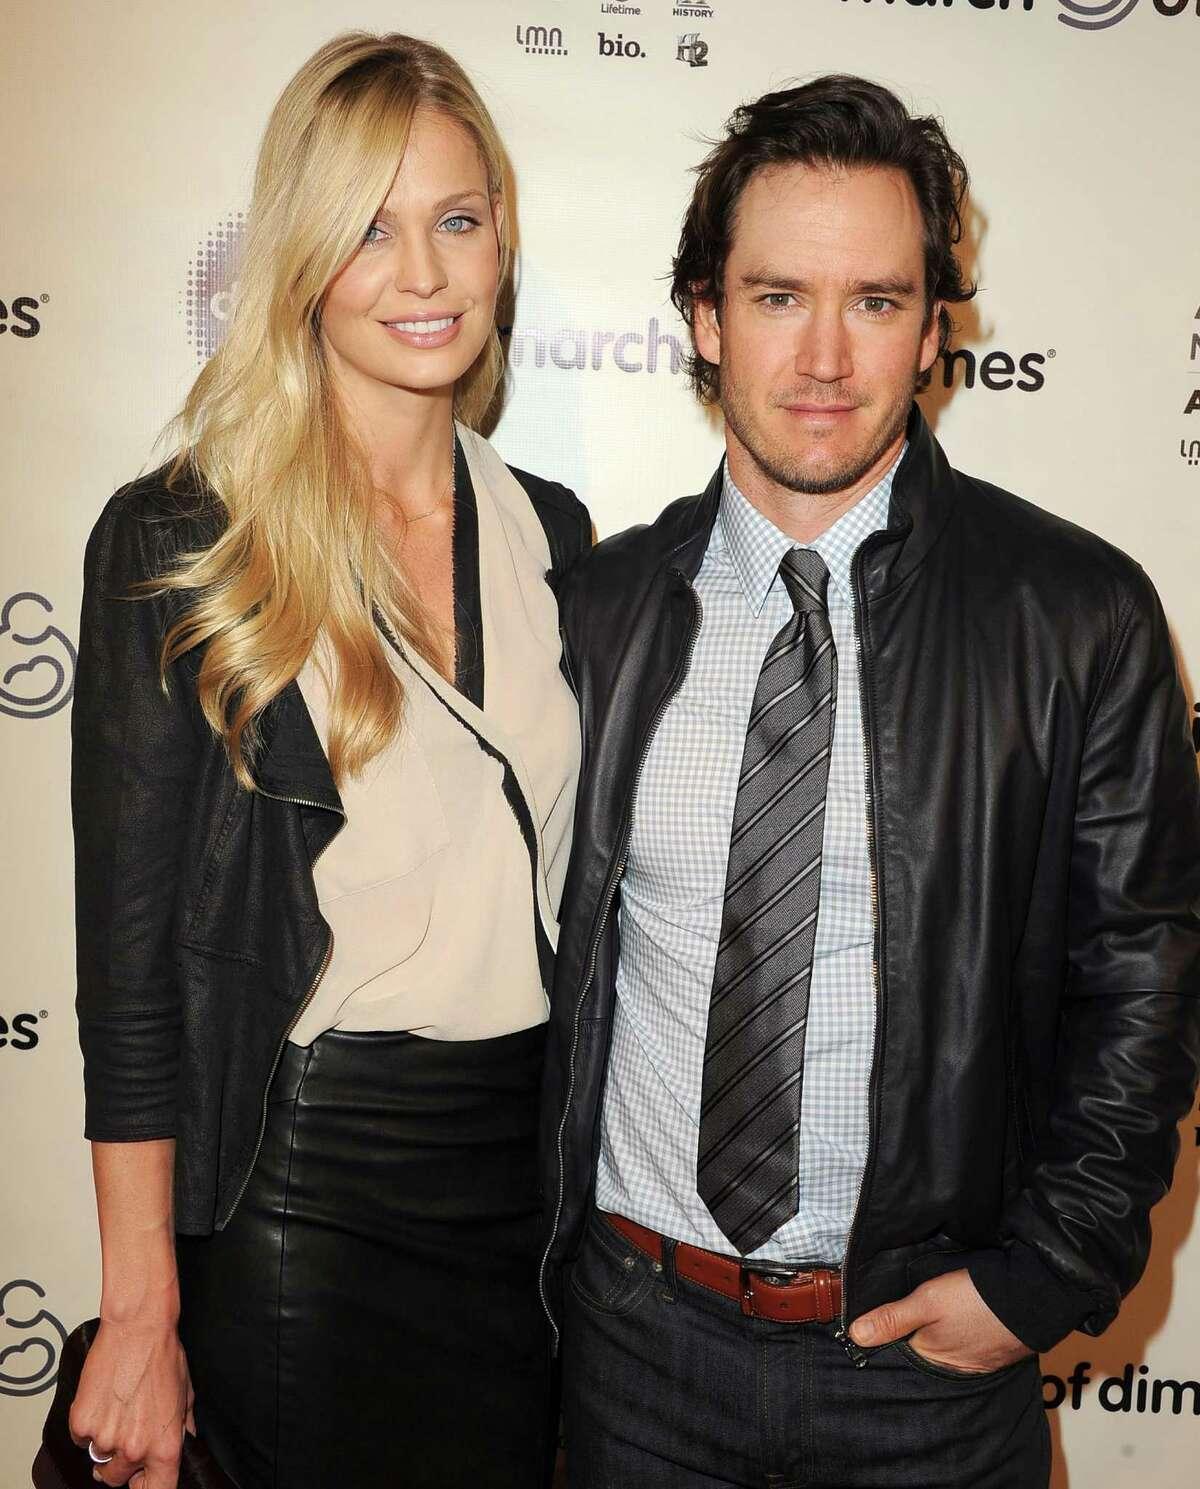 2013: Mark-Paul Gosselaar with his second wife, Catriona McGinn. Gossleaar was married to